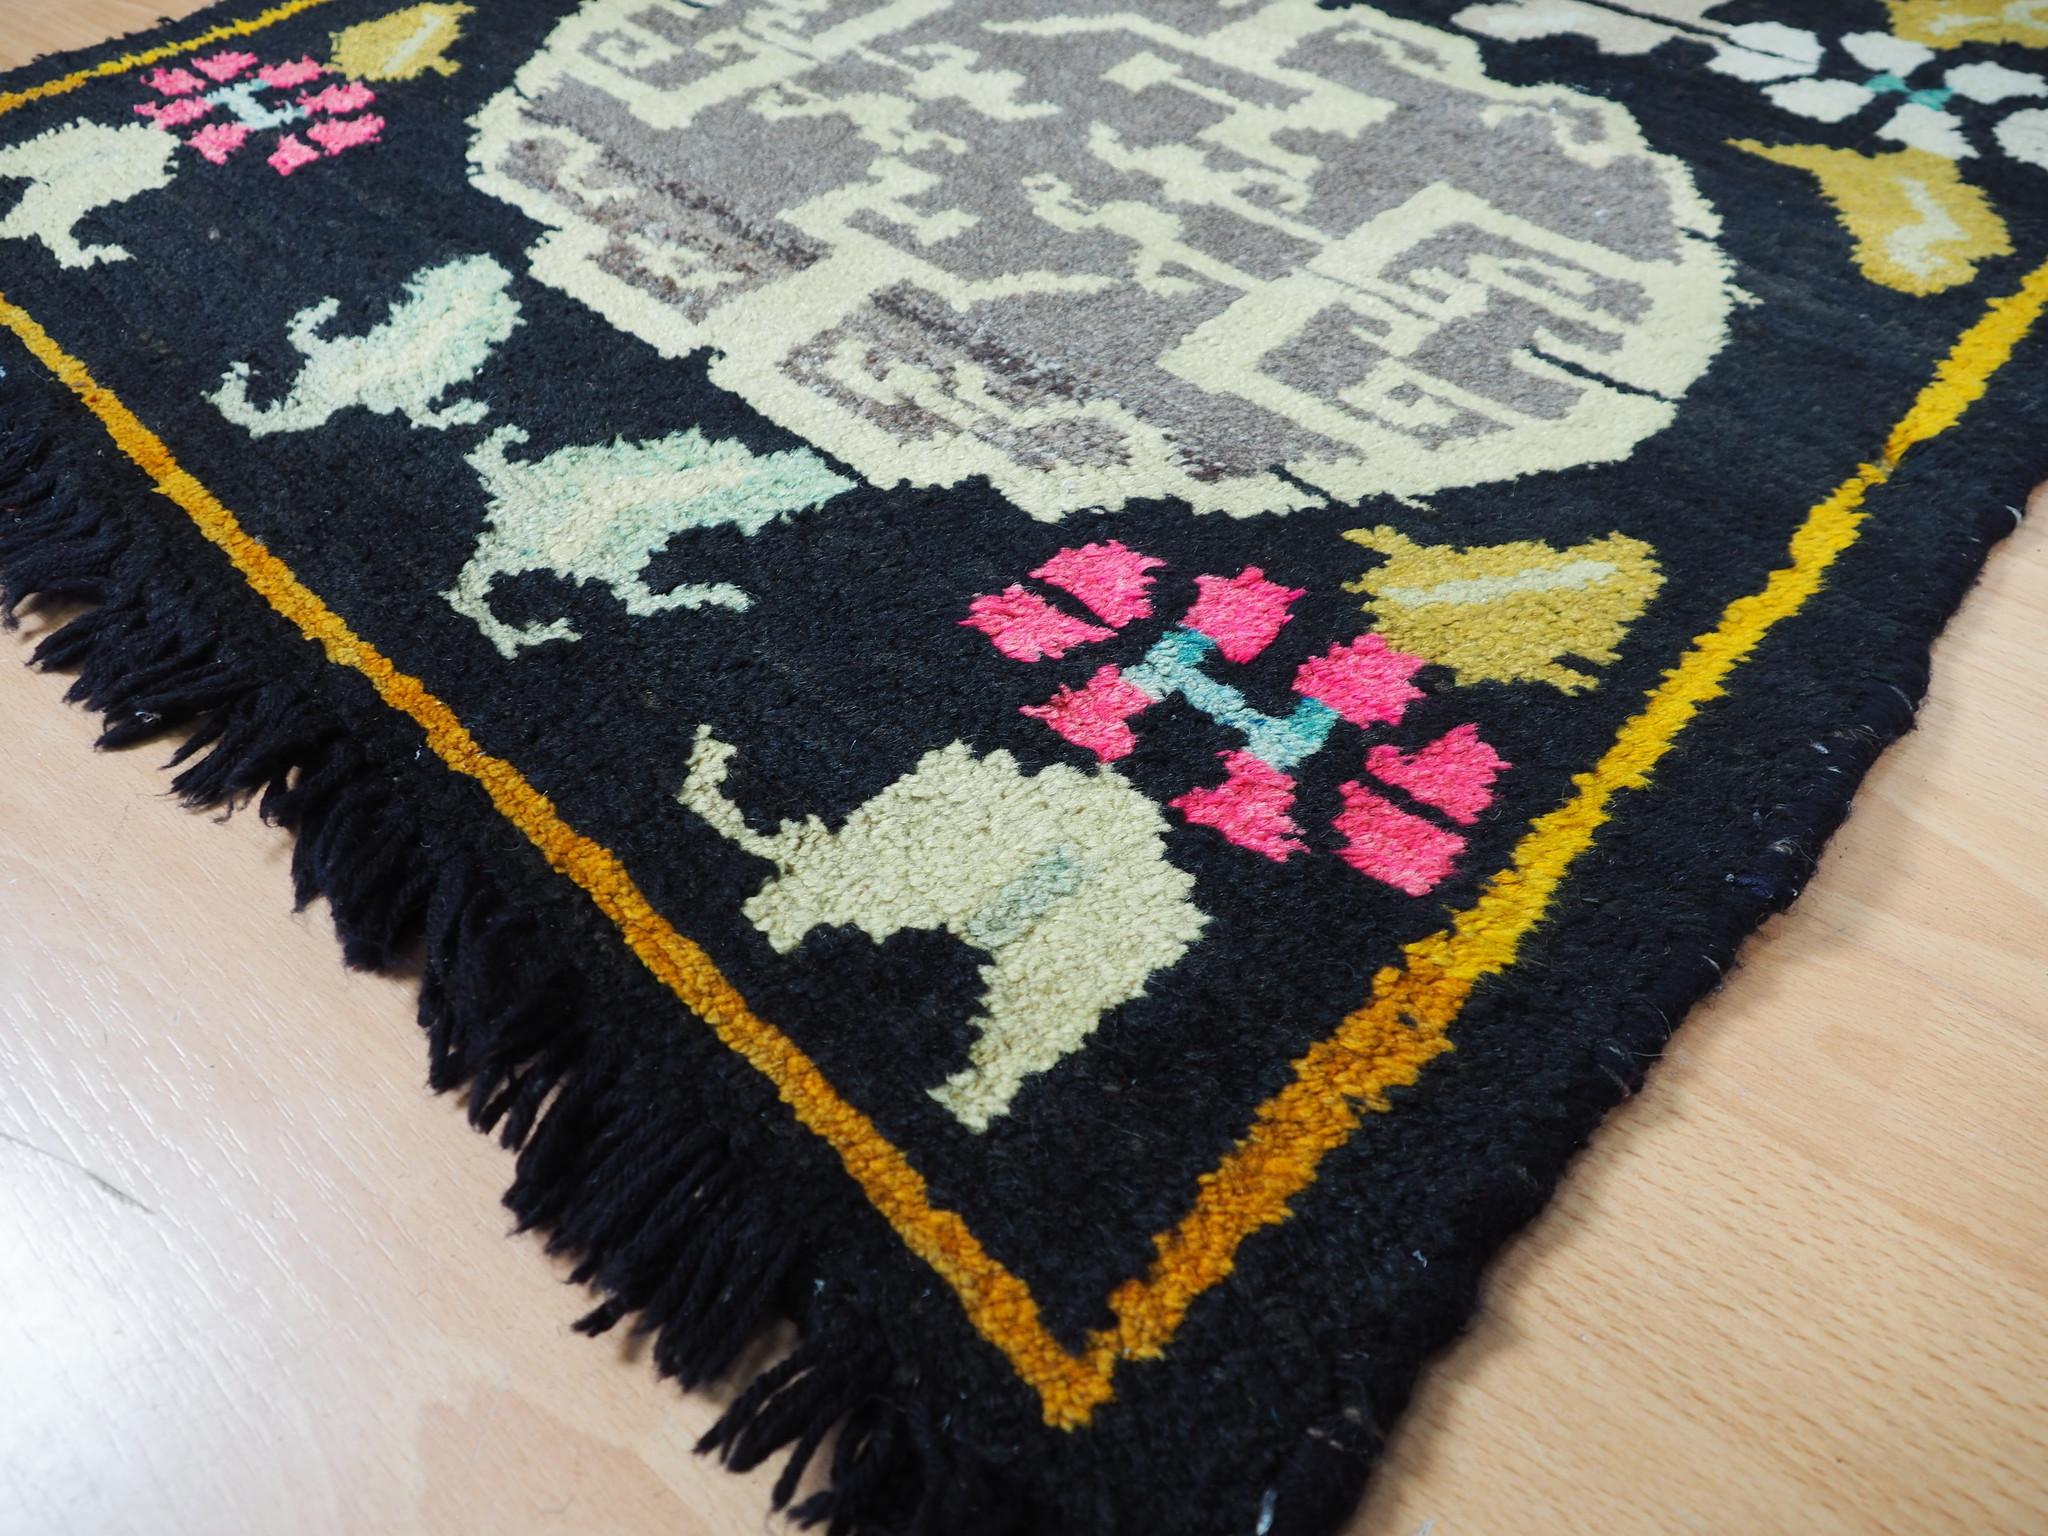 165x82 cm antik Tibetischer Khaden Yoga Meditation Dorfteppich buddhistische Klöster gebetsteppich Teppich Schlafteppich Nr.21